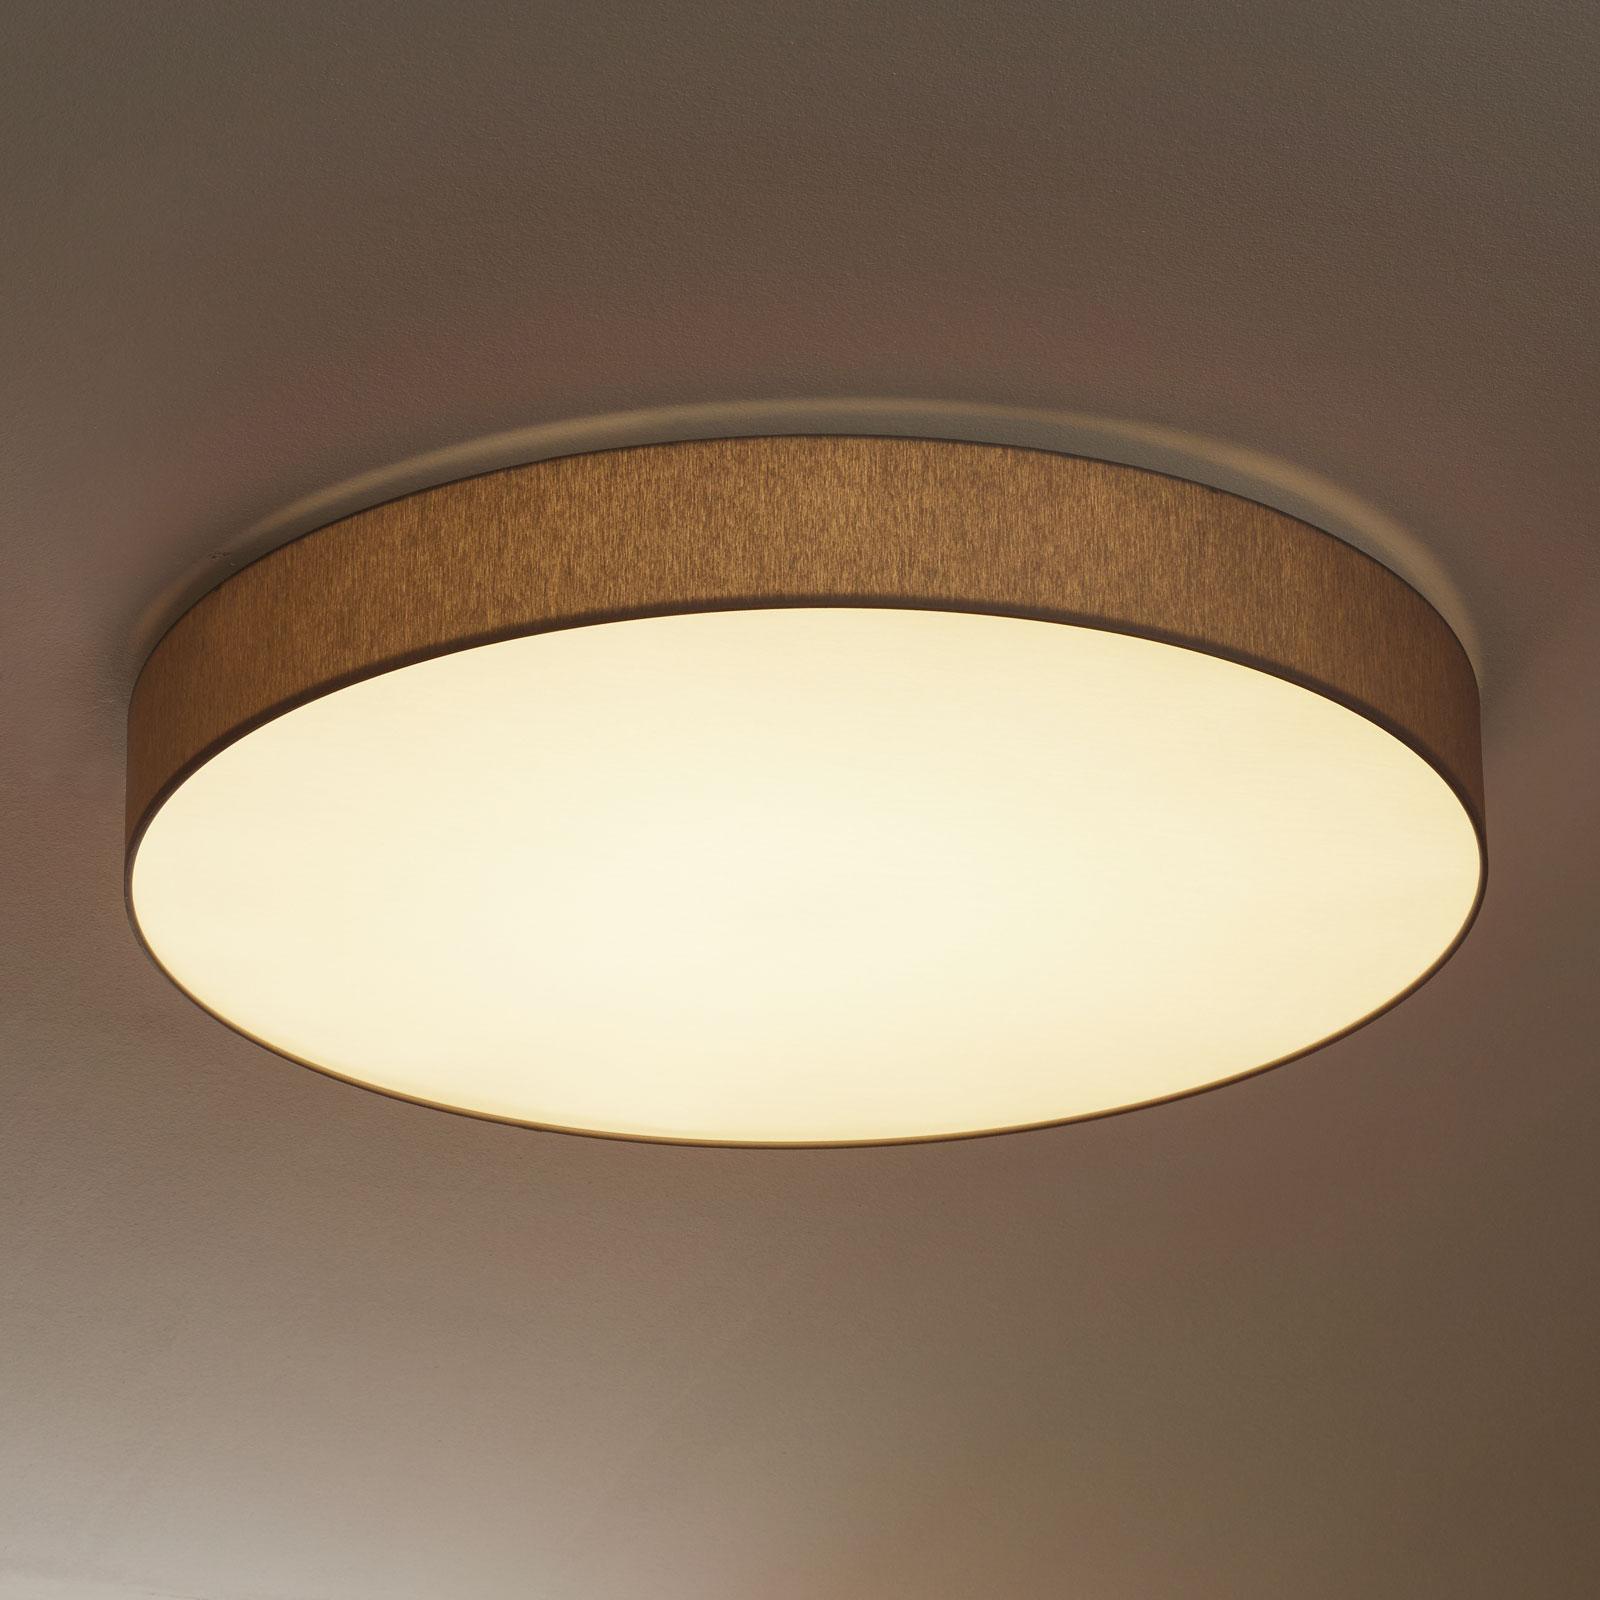 Lampa sufitowa LED Luno z funkcją ściemniania